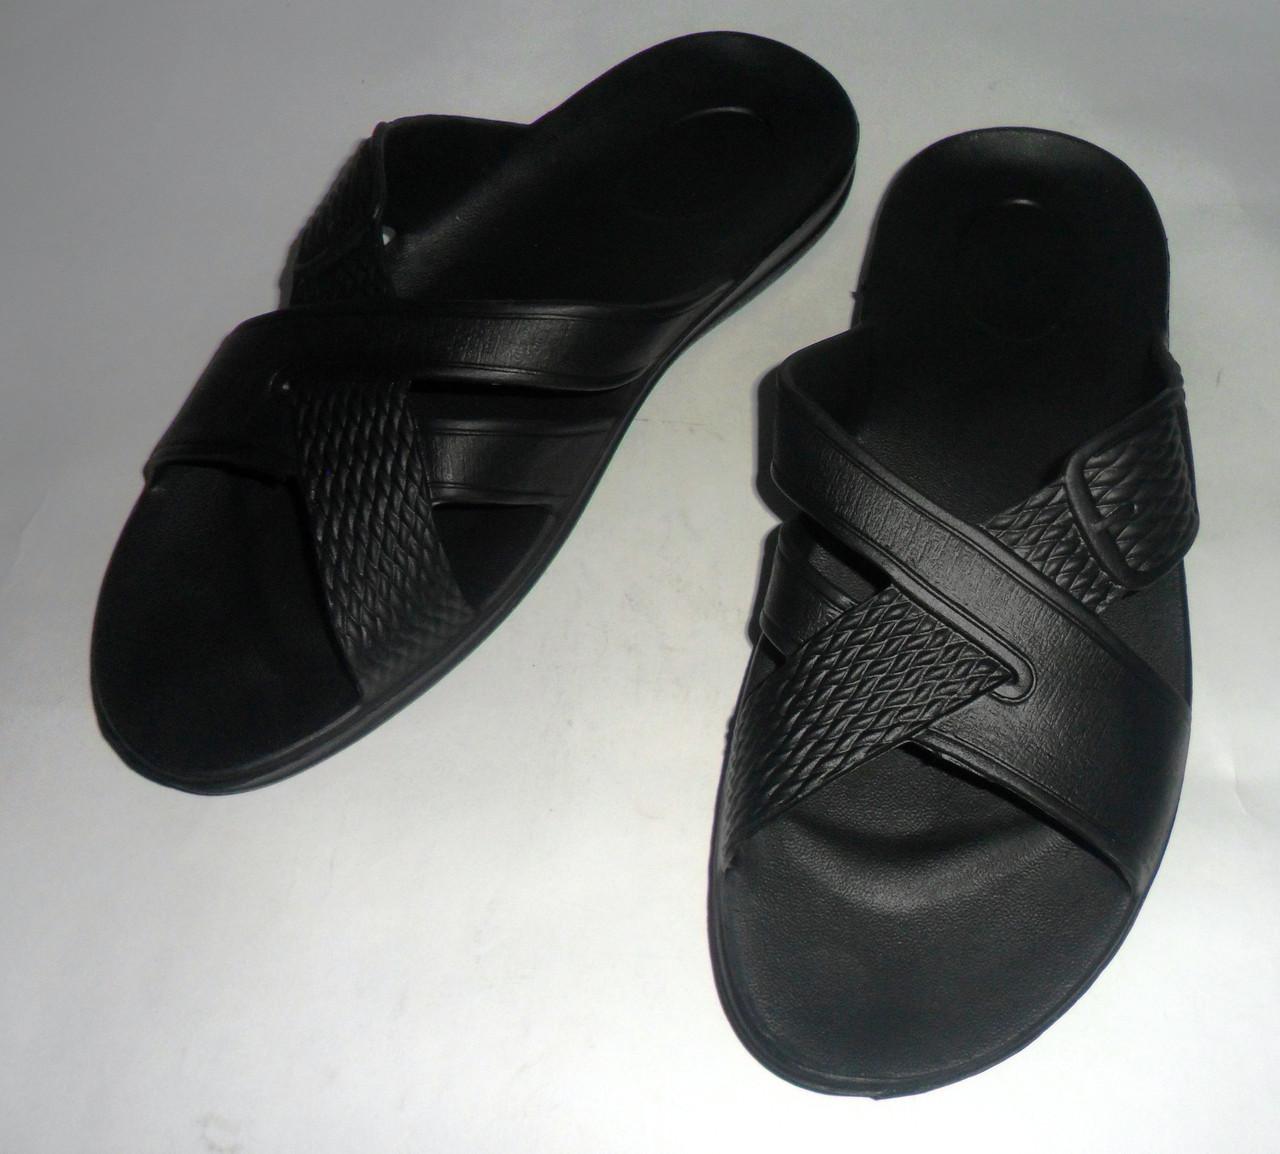 c778ce9255e0 Резиновые шлепанцы летние - Интернет-магазин обуви и белья